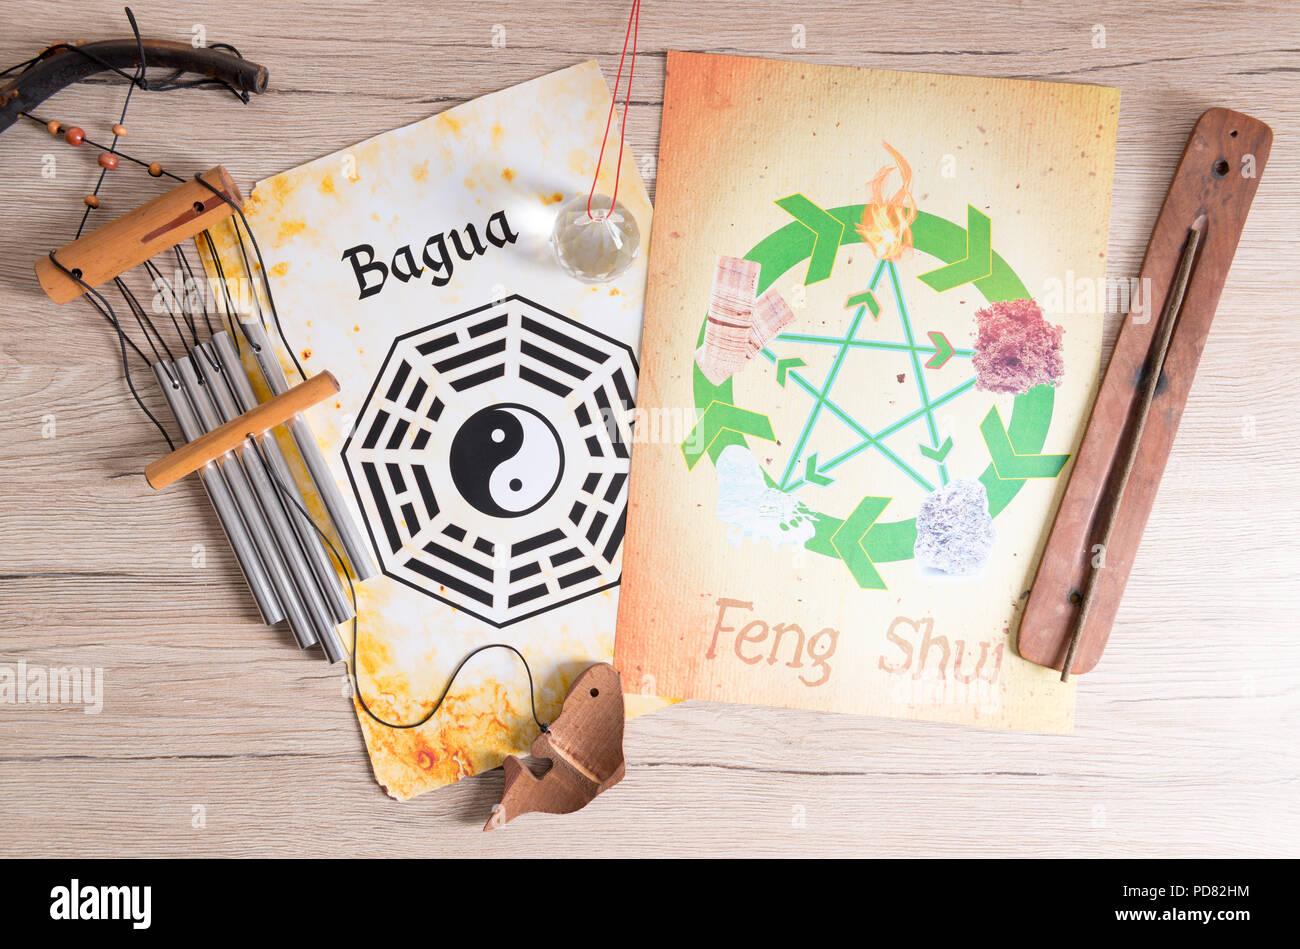 Immagine concettuale del Feng Shui con cinque elementi Immagini Stock